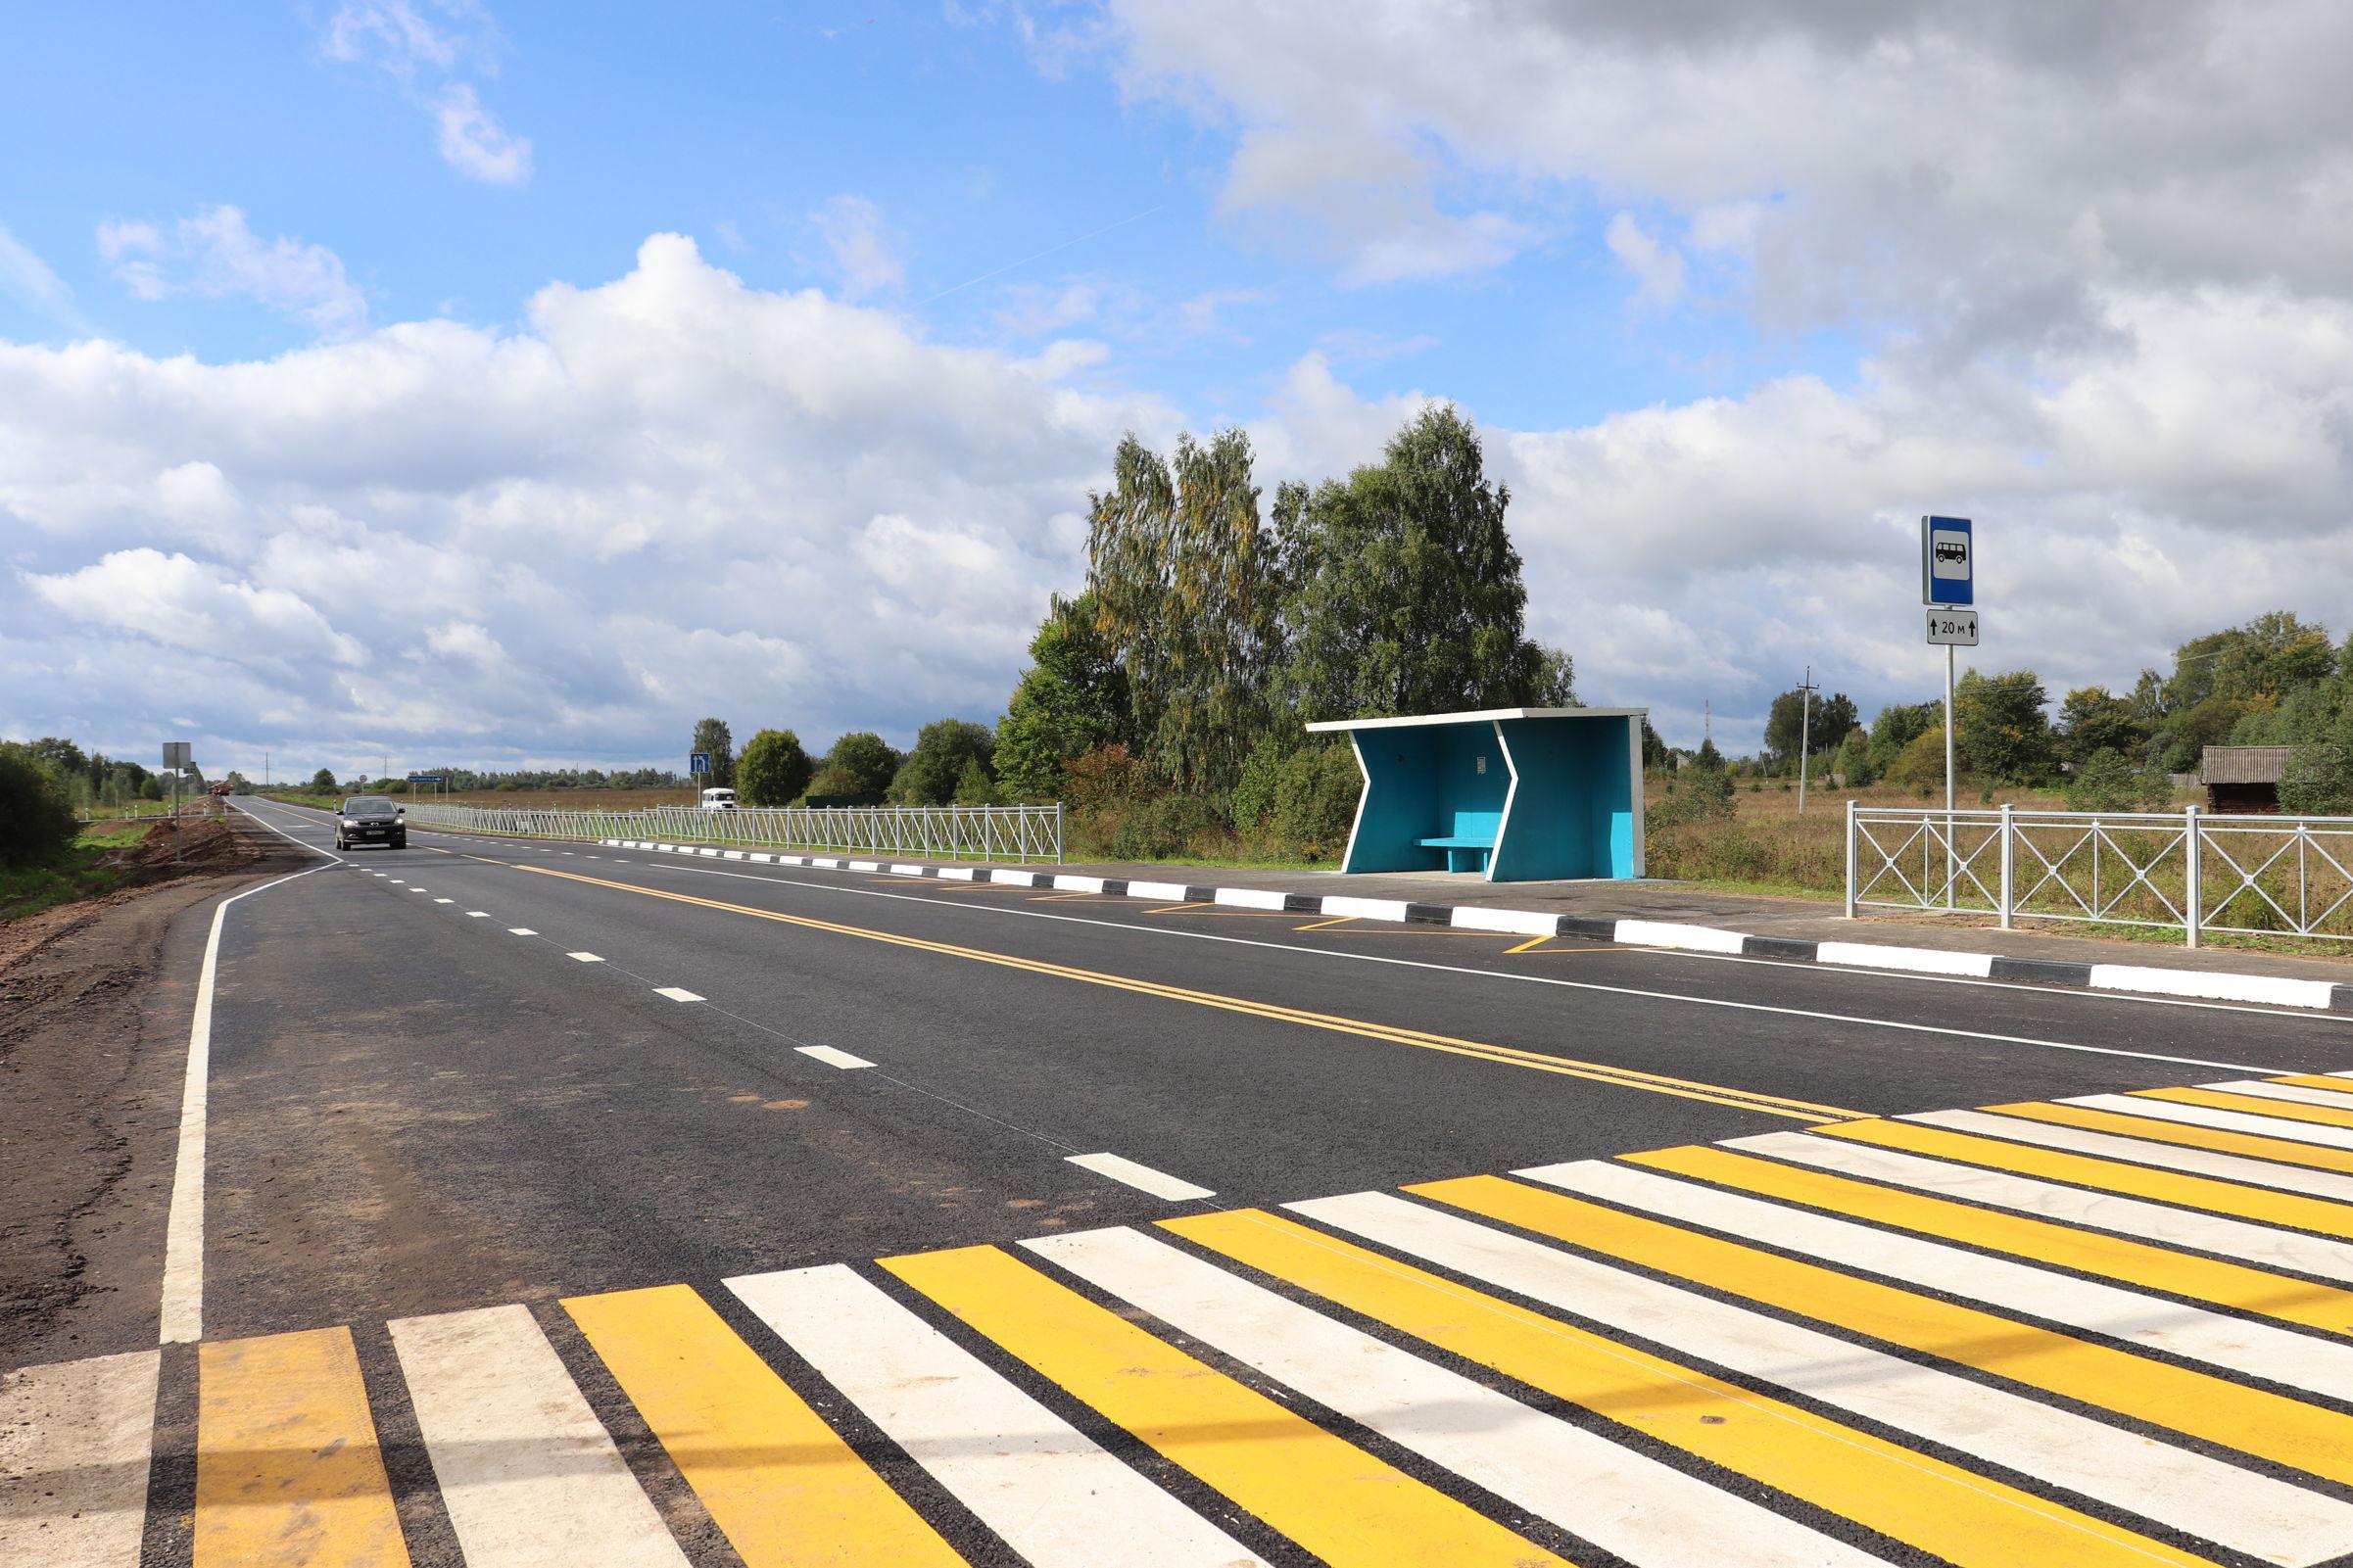 Введены дополнительные остановочные пункты на трех межмуниципальных автобусных маршрутах